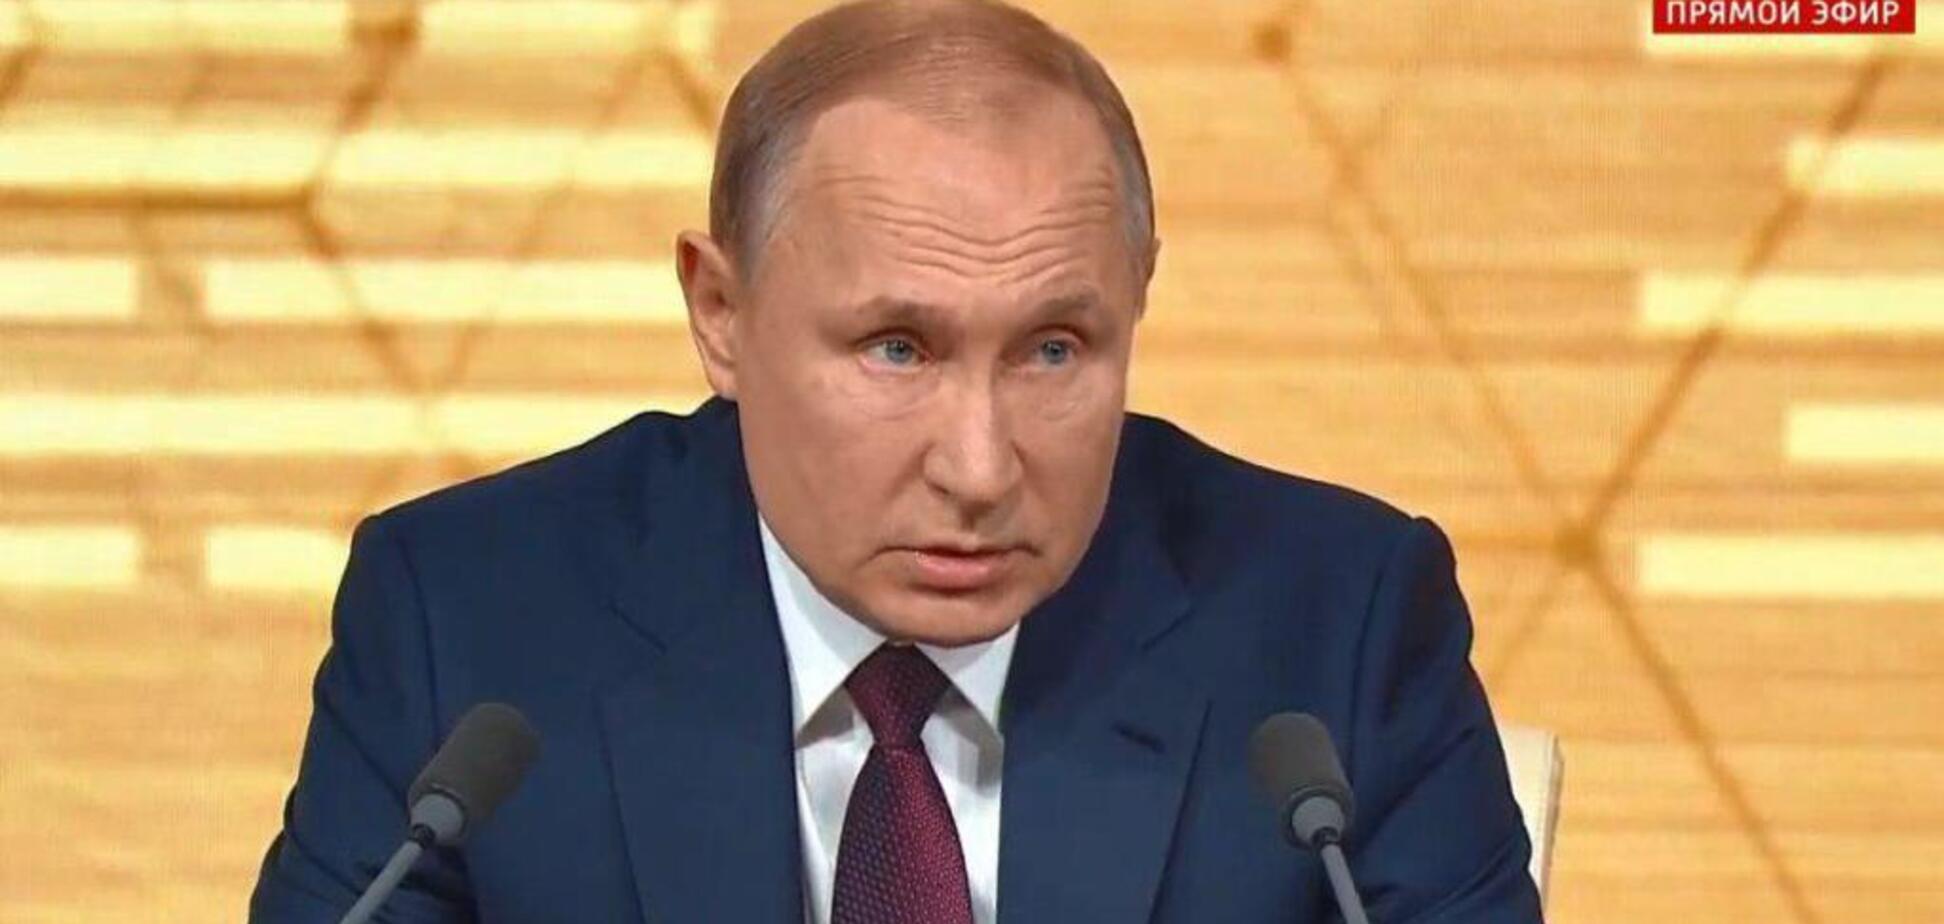 'Ситуація зайде в глухий кут!' Путін дав оцінку Мінським угодам